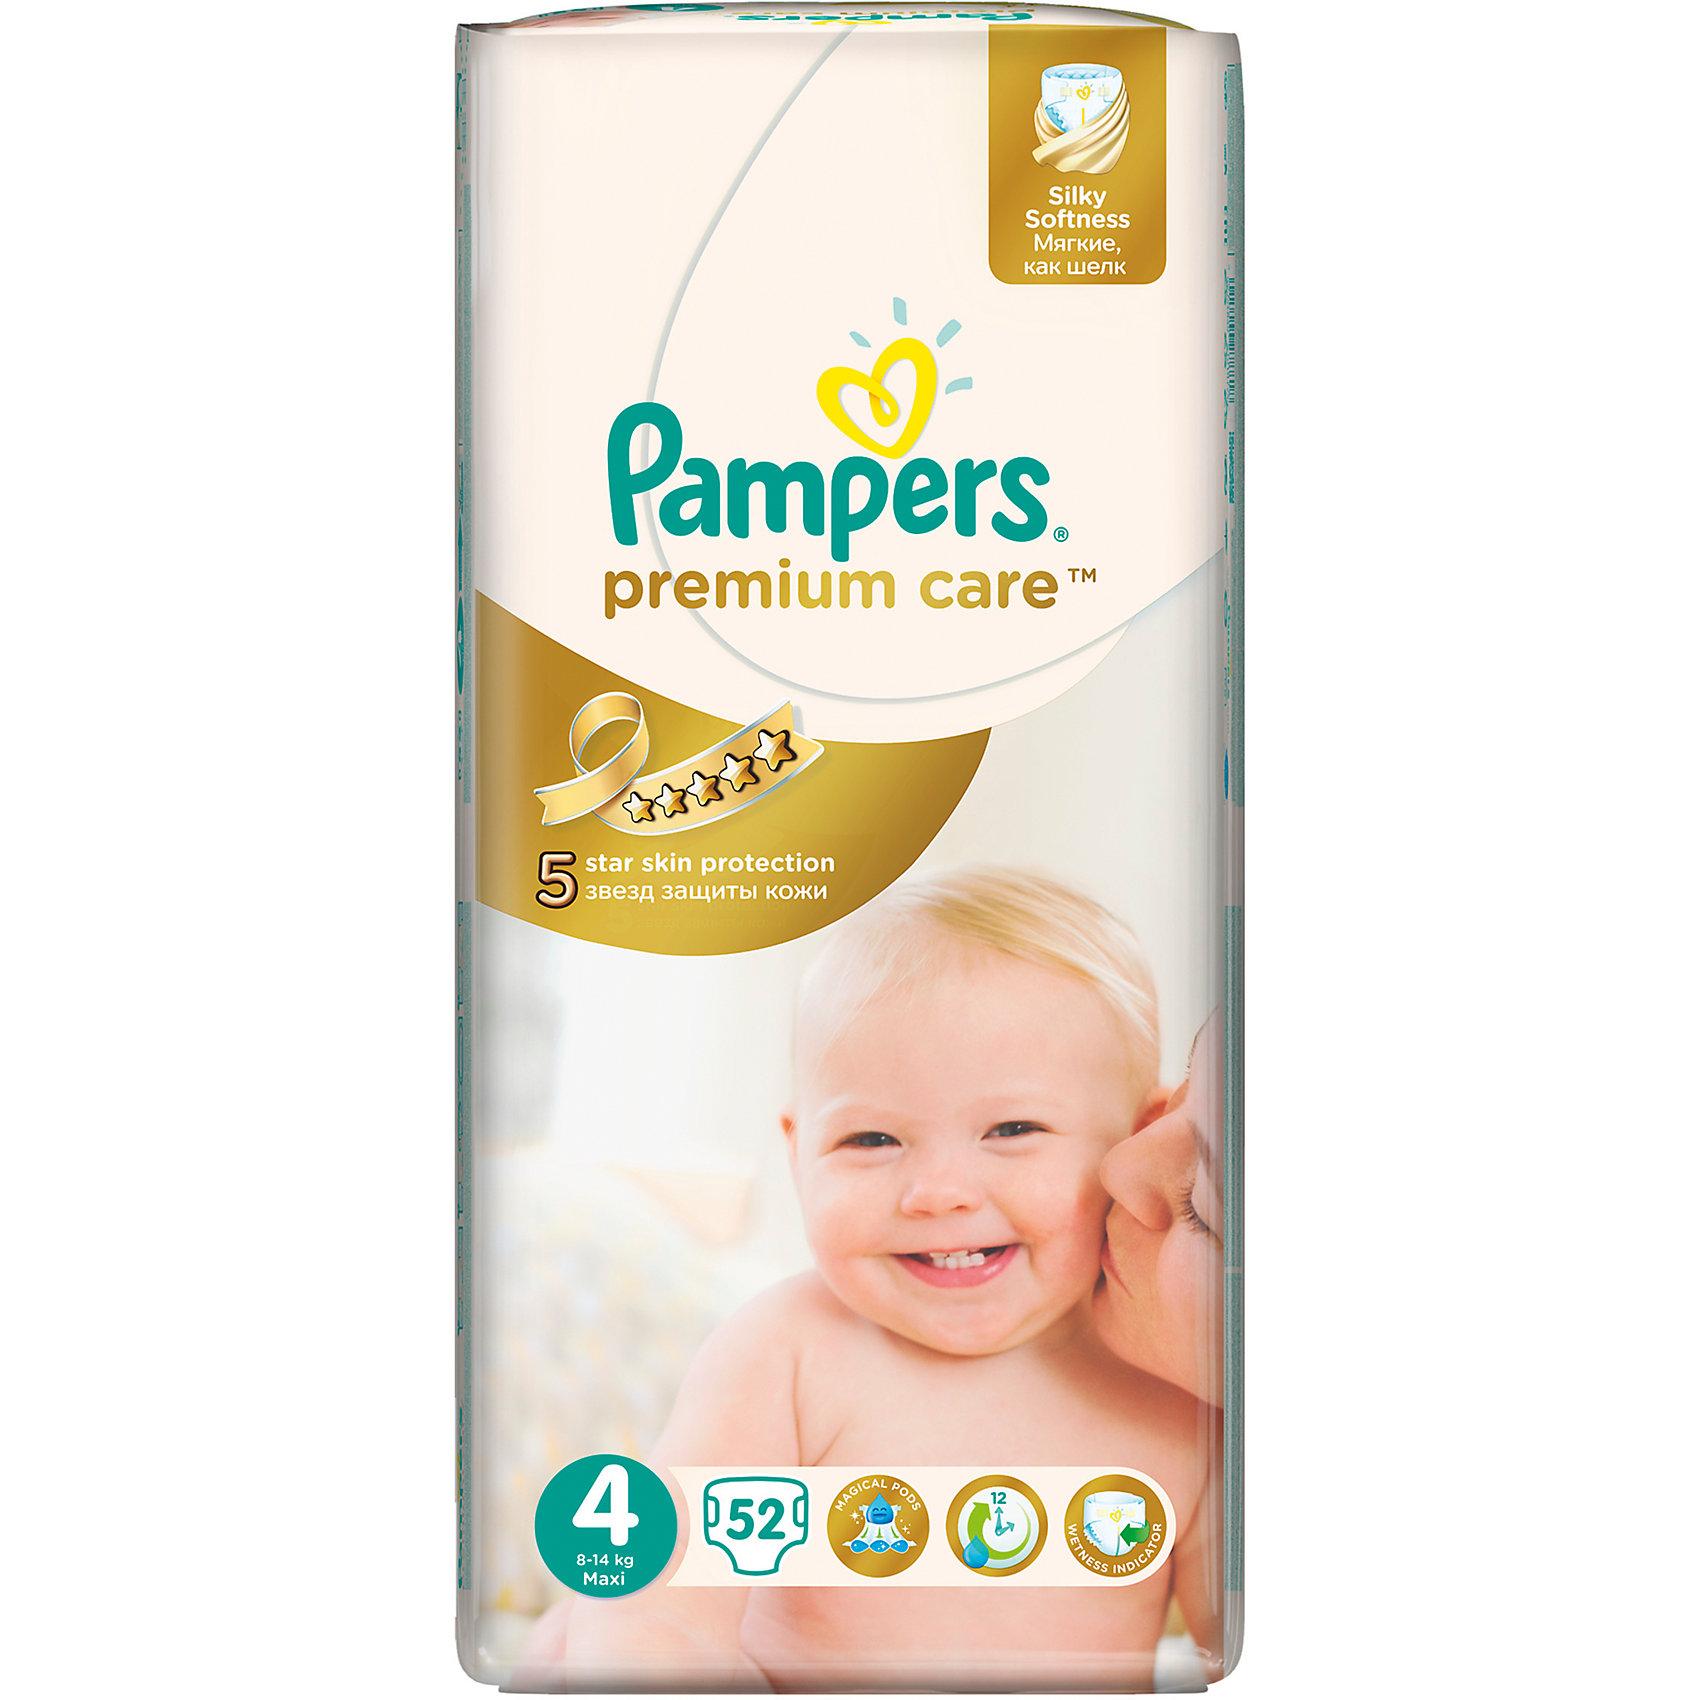 Подгузники Pampers Premium Care Maxi, 8-14 кг., 52 шт.Подгузники классические<br>Подгузники Pampers Premium Care Maxi (Памперс премиум кеа), 8-14 кг., 52 шт.<br><br>Характеристики:<br><br>• мягкие как шелк<br>• впитывающие каналы равномерно распределяют влагу<br>• удерживают влагу до 12 часов<br>• дышащие материалы обеспечивают правильную циркуляцию воздуха<br>• индикатор влаги подскажет, что нужно сменить подгузник<br>• эластичные боковинки защищают от протеканий<br>• состав бальзама: вазелин, стеариловый спирт, экстракт алоэ, жидкий вазелин/вазелиновое масло<br>• размер: 8-14 кг<br>• количество: 52 шт.<br>• размер упаковки: 18,3х11х17,2 см<br>• вес: 1472 грамма<br><br>Подгузники Pampers Premium Care подарят вашему малышу сухость и комфорт на всю ночь! Подгузники имеют три впитывающих канала, которые позволяют равномерно распределить влагу без образования комков. Специальный впитывающий слой быстро абсорбирует и удерживает влагу до 12 часов, позволяя избежать соприкосновения с кожей. Эластичные боковинки подгузников помогут предотвратить натирание на коже. Внешний слой позволяет коже ребёнка дышать всю ночь, обеспечивая правильную микроциркуляцию кожи. Подгузники имеют индикатор влаги, который напомнит вам о необходимости смены подгузника. Pampers Premium Care мягкие словно шёлк. В них кроха всегда будет готов к новым открытиям!<br><br>Подгузники Pampers Premium Care Maxi (Памперс премиум кеа), 8-14 кг., 52 шт. можно купить в нашем интернет-магазине.<br><br>Ширина мм: 172<br>Глубина мм: 110<br>Высота мм: 183<br>Вес г: 1472<br>Возраст от месяцев: 6<br>Возраст до месяцев: 36<br>Пол: Унисекс<br>Возраст: Детский<br>SKU: 5422937